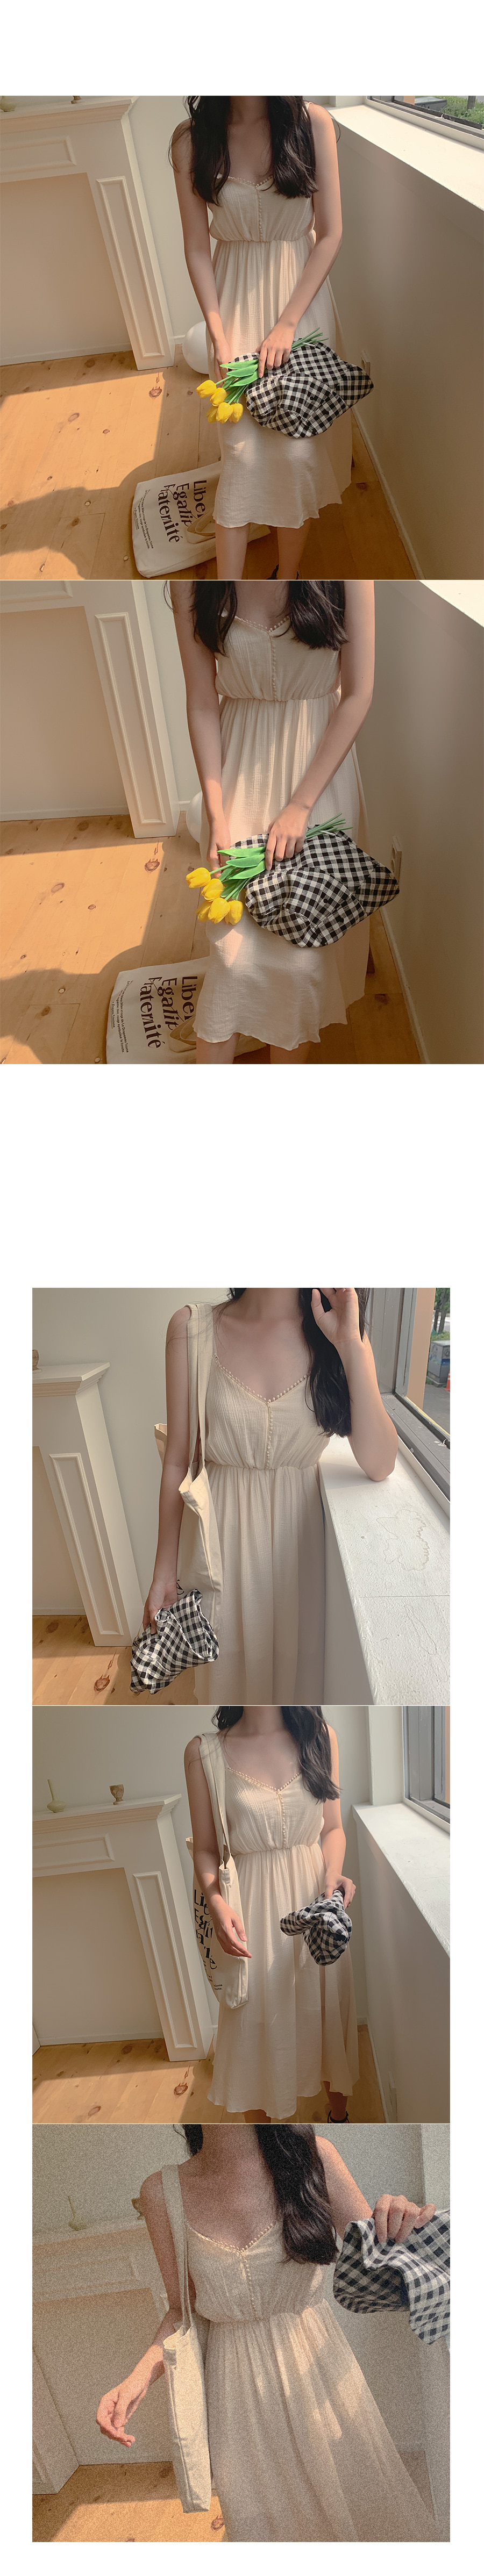 Kimo Pom foam nail dress